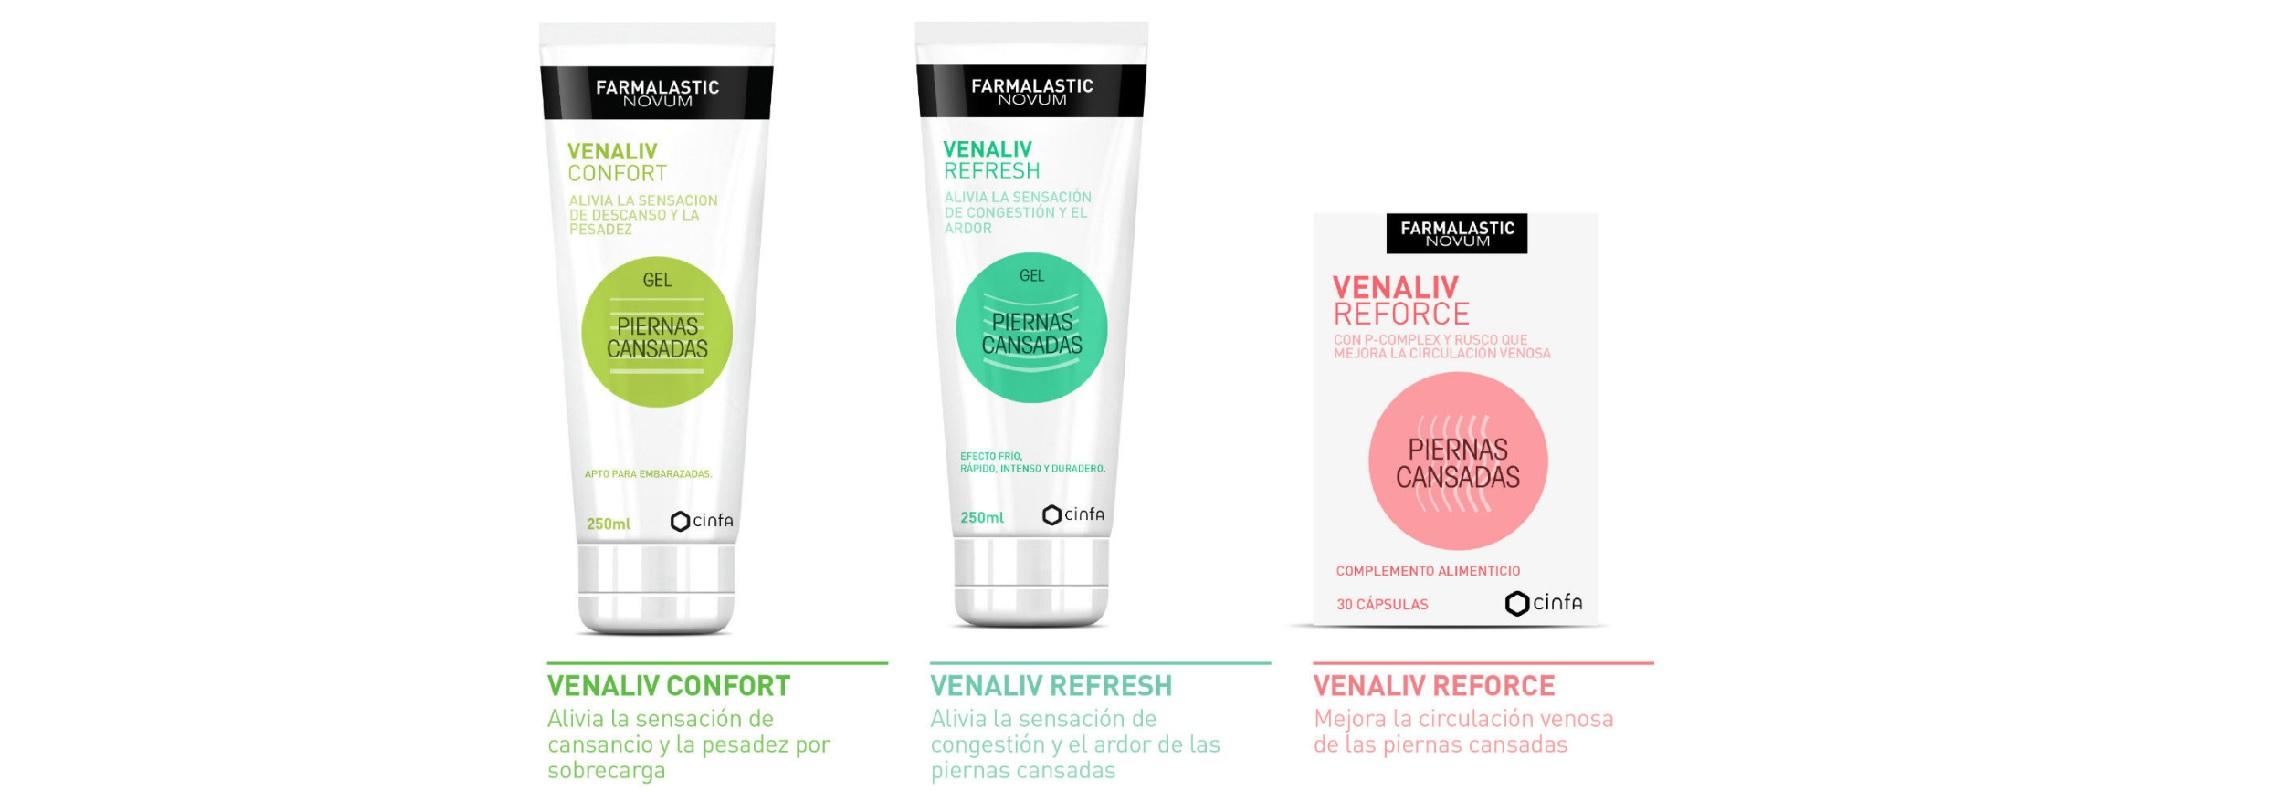 Farmalastic Venaliv Gama de Productos en Farma2go